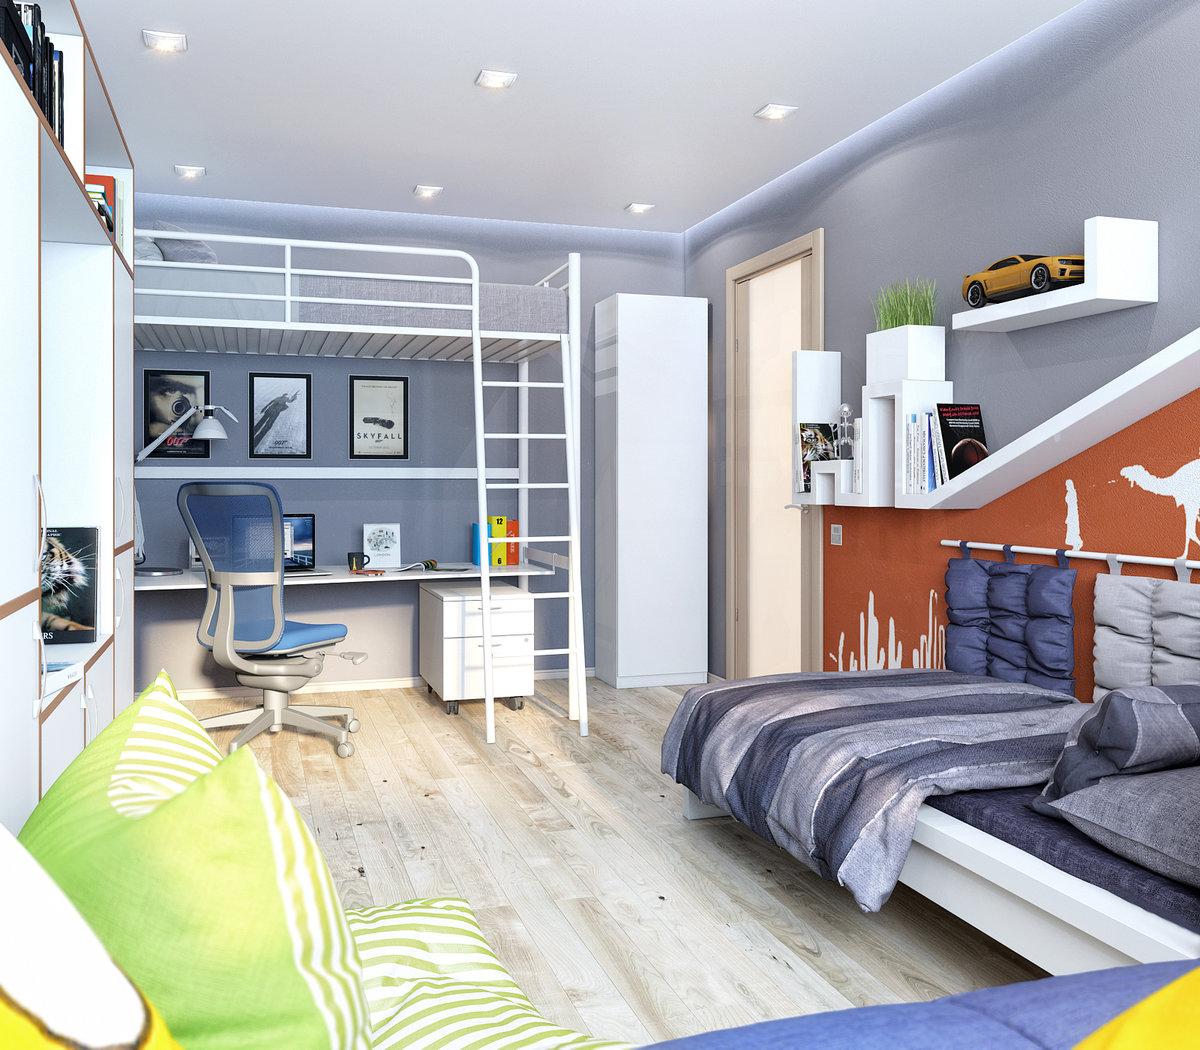 Дизайн для комнаты 10 кв для подростка - девочки, мальчика, двоих детей: фото интерьера, планировка | детская | vpolozhenii.com